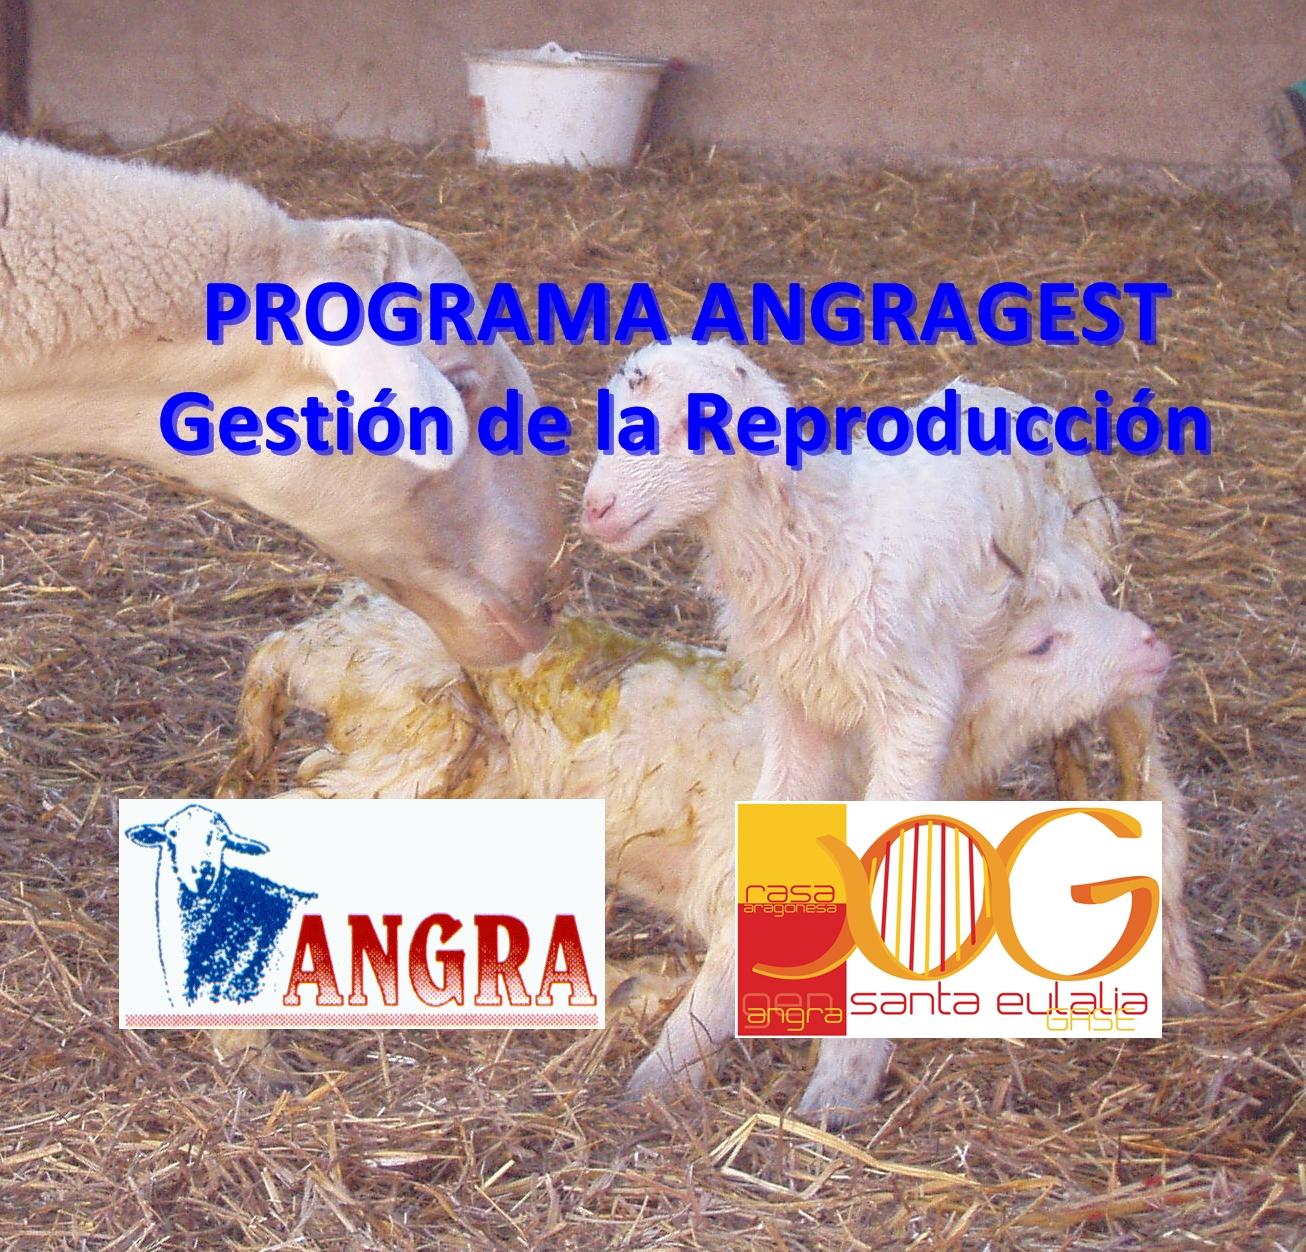 EL PROGRAMA ANGRAGEST SE CONSOLIDA CON GRAN ACEPTACION